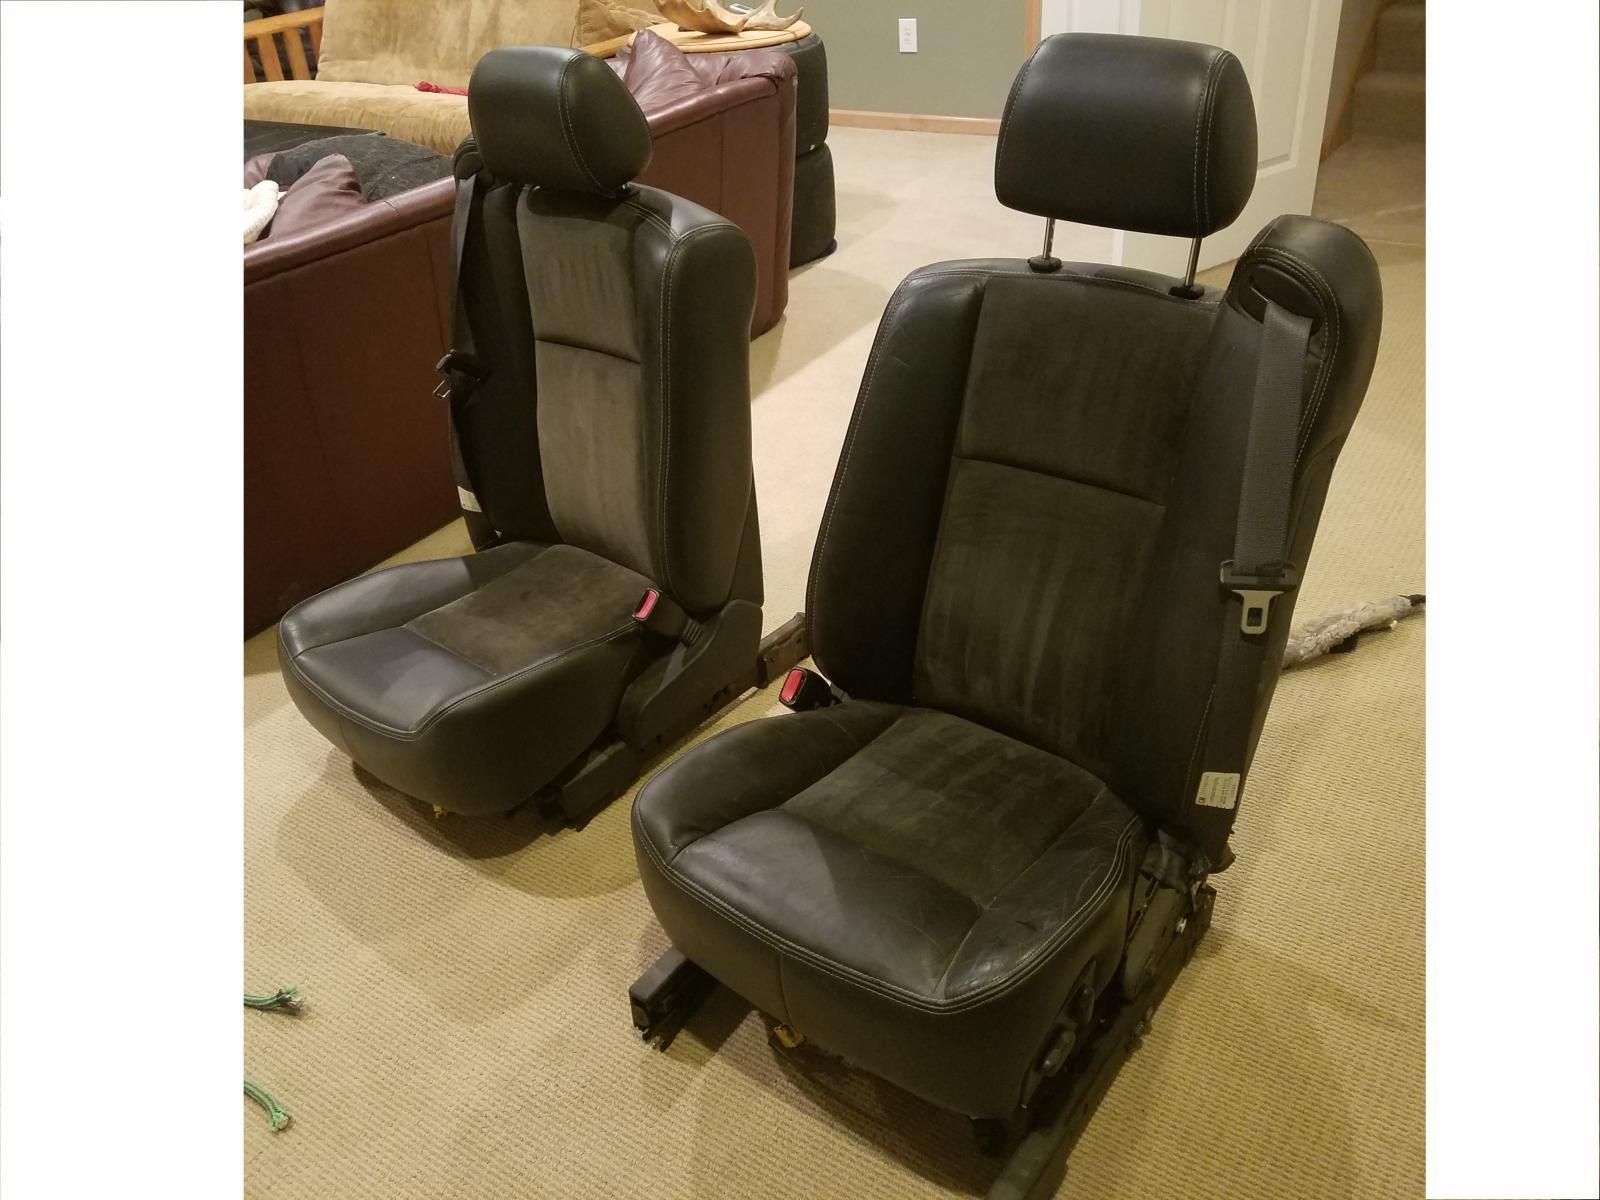 cadillac cts seat wiring diagram cadillac cts v seats in a 1966 bel air  cadillac cts v seats in a 1966 bel air